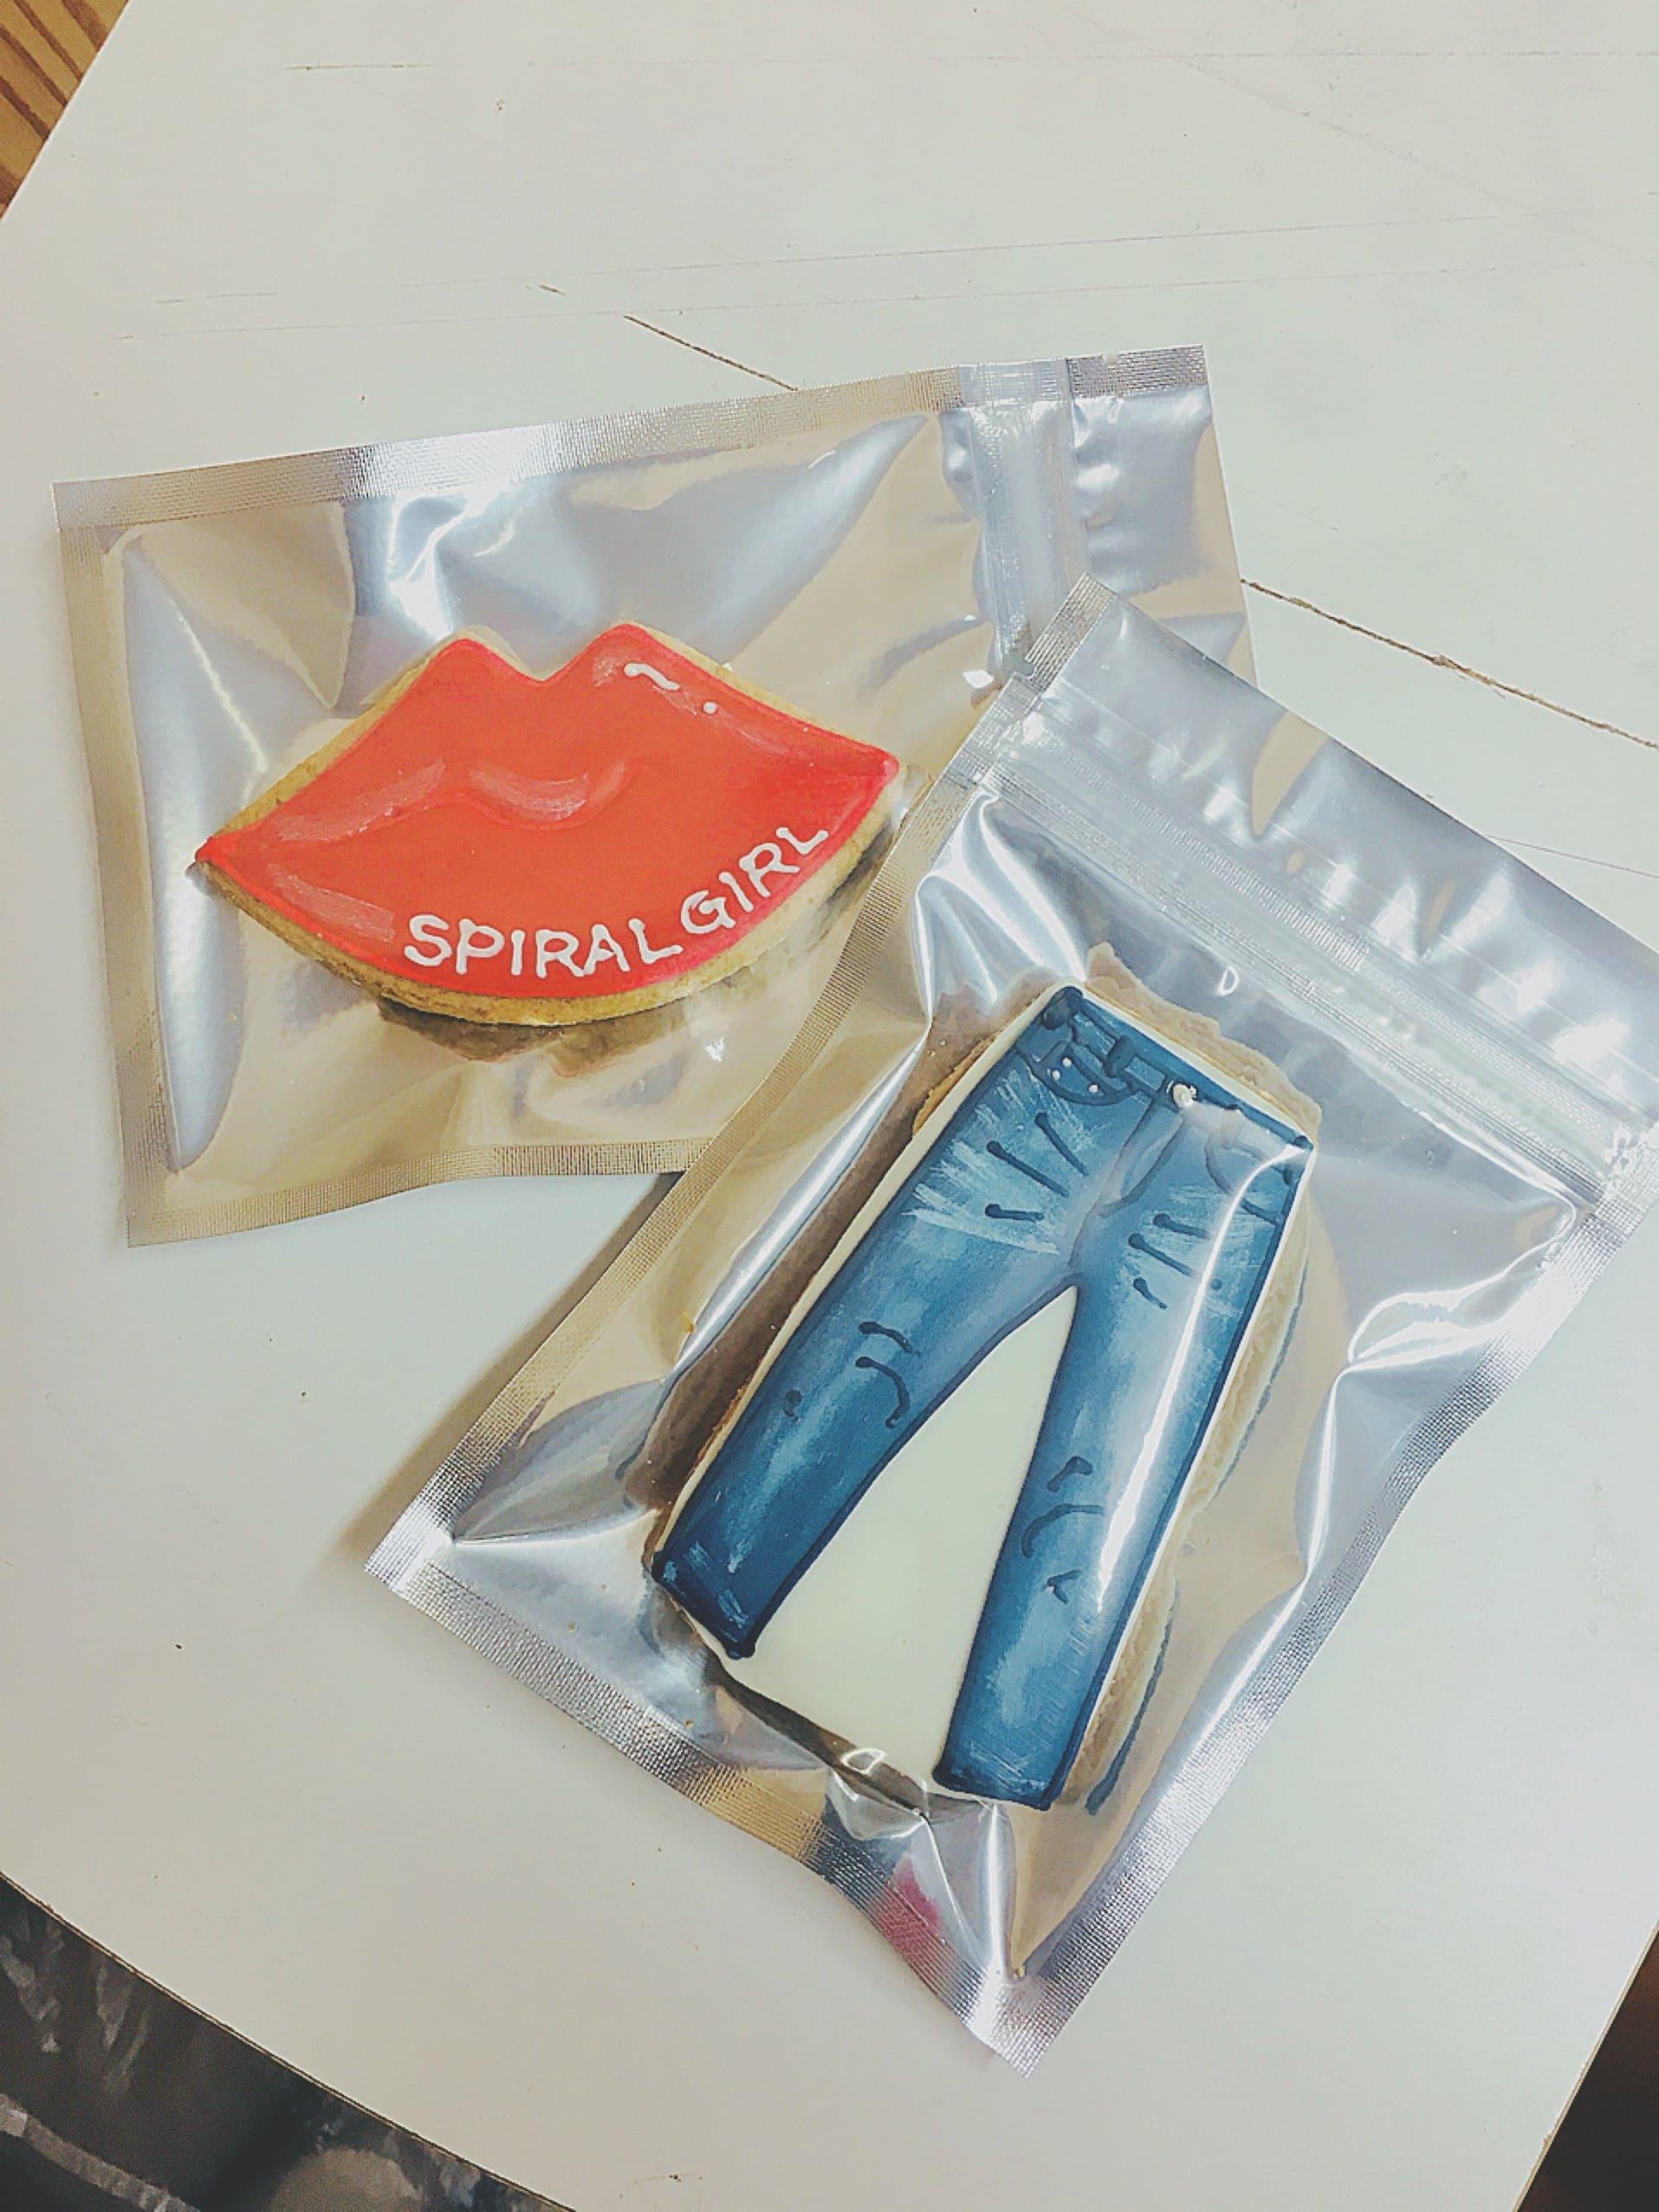 【企業様向け】SPIRALGIRL様 オーダーアイシングクッキーのイメージその1